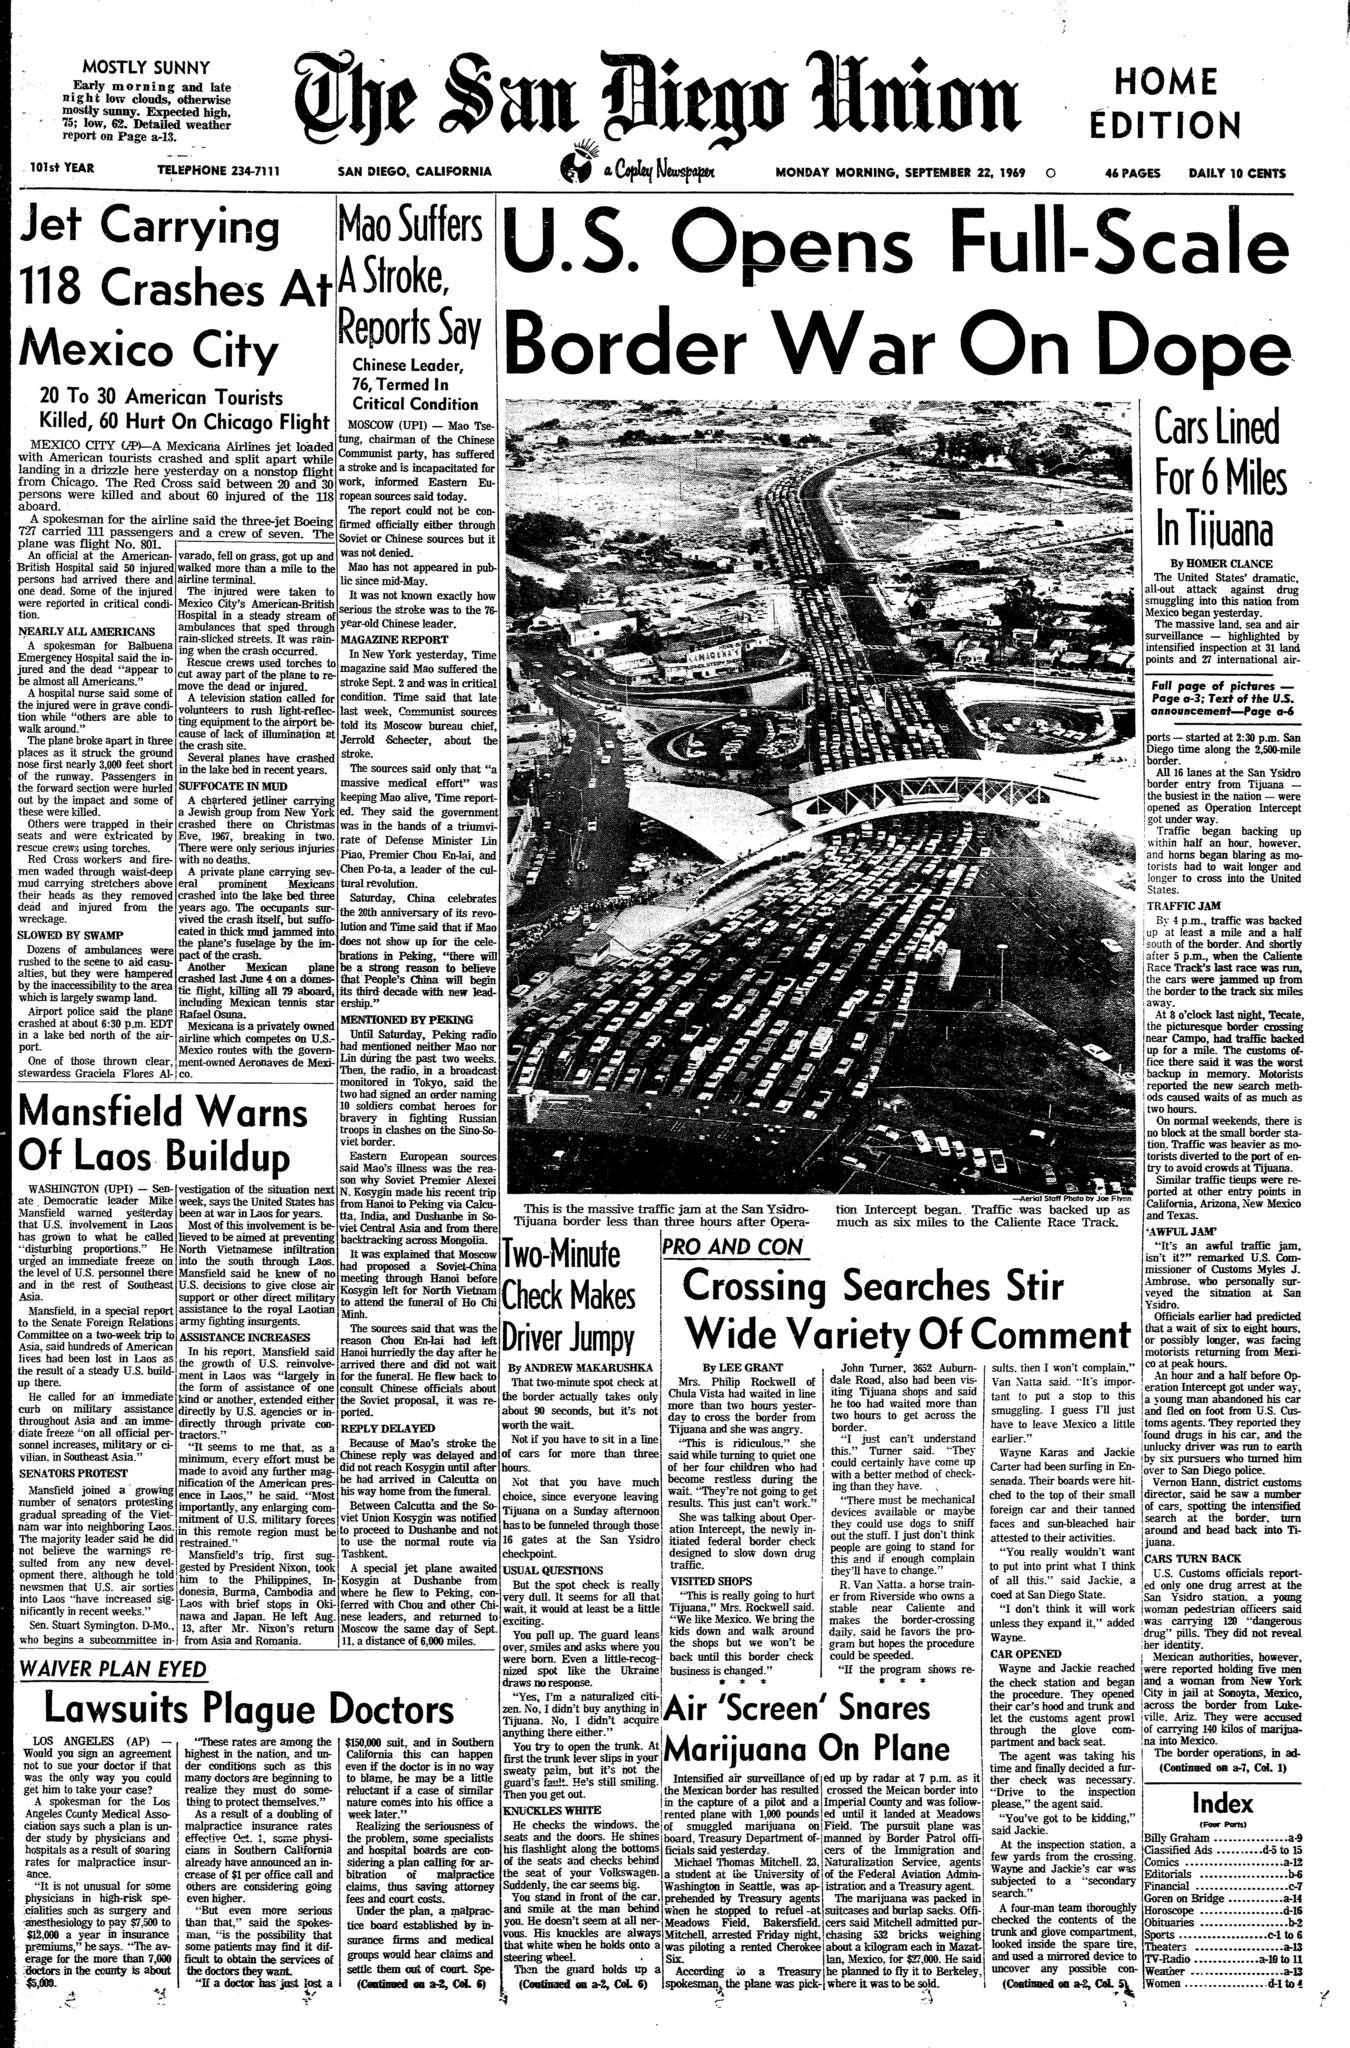 September 22, 1969